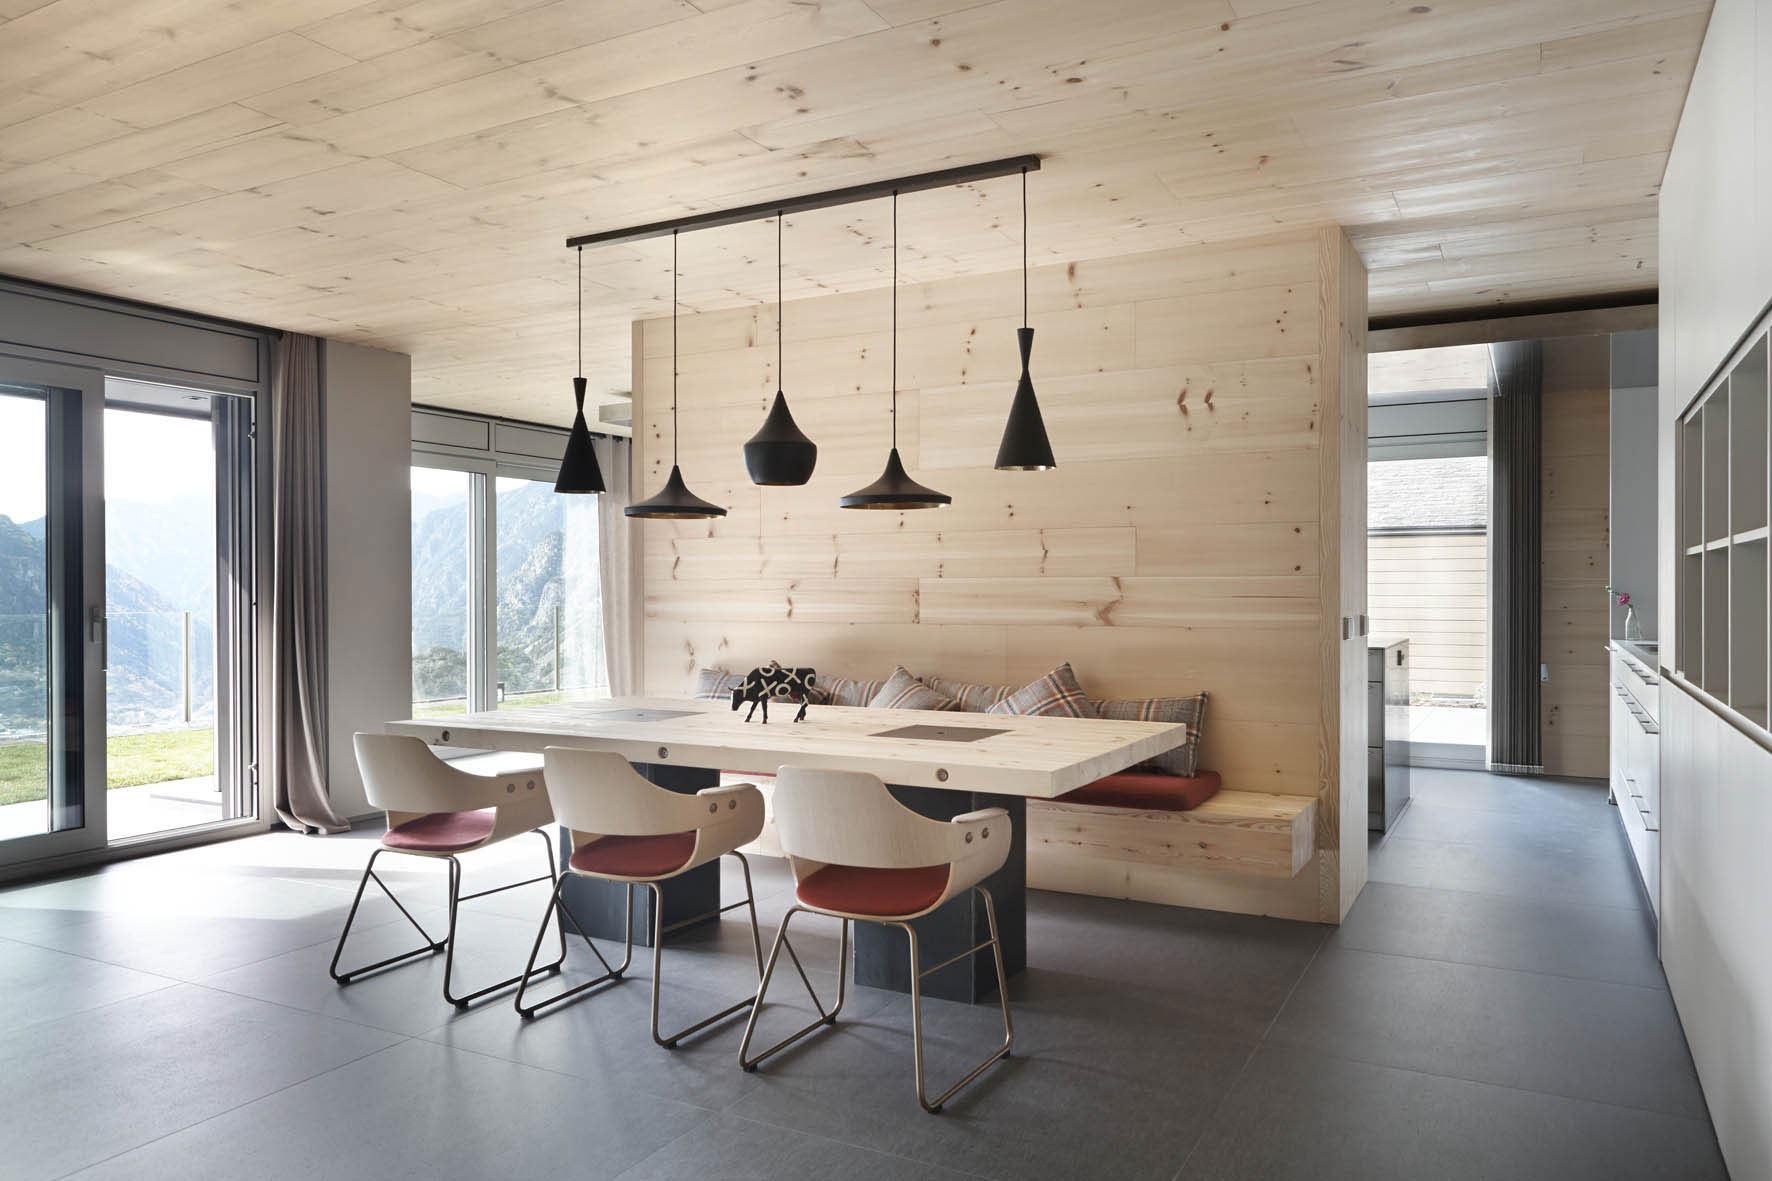 农村别墅室内从天花板到隔断墙,从桌椅板凳到家具摆设,大部分都是没有